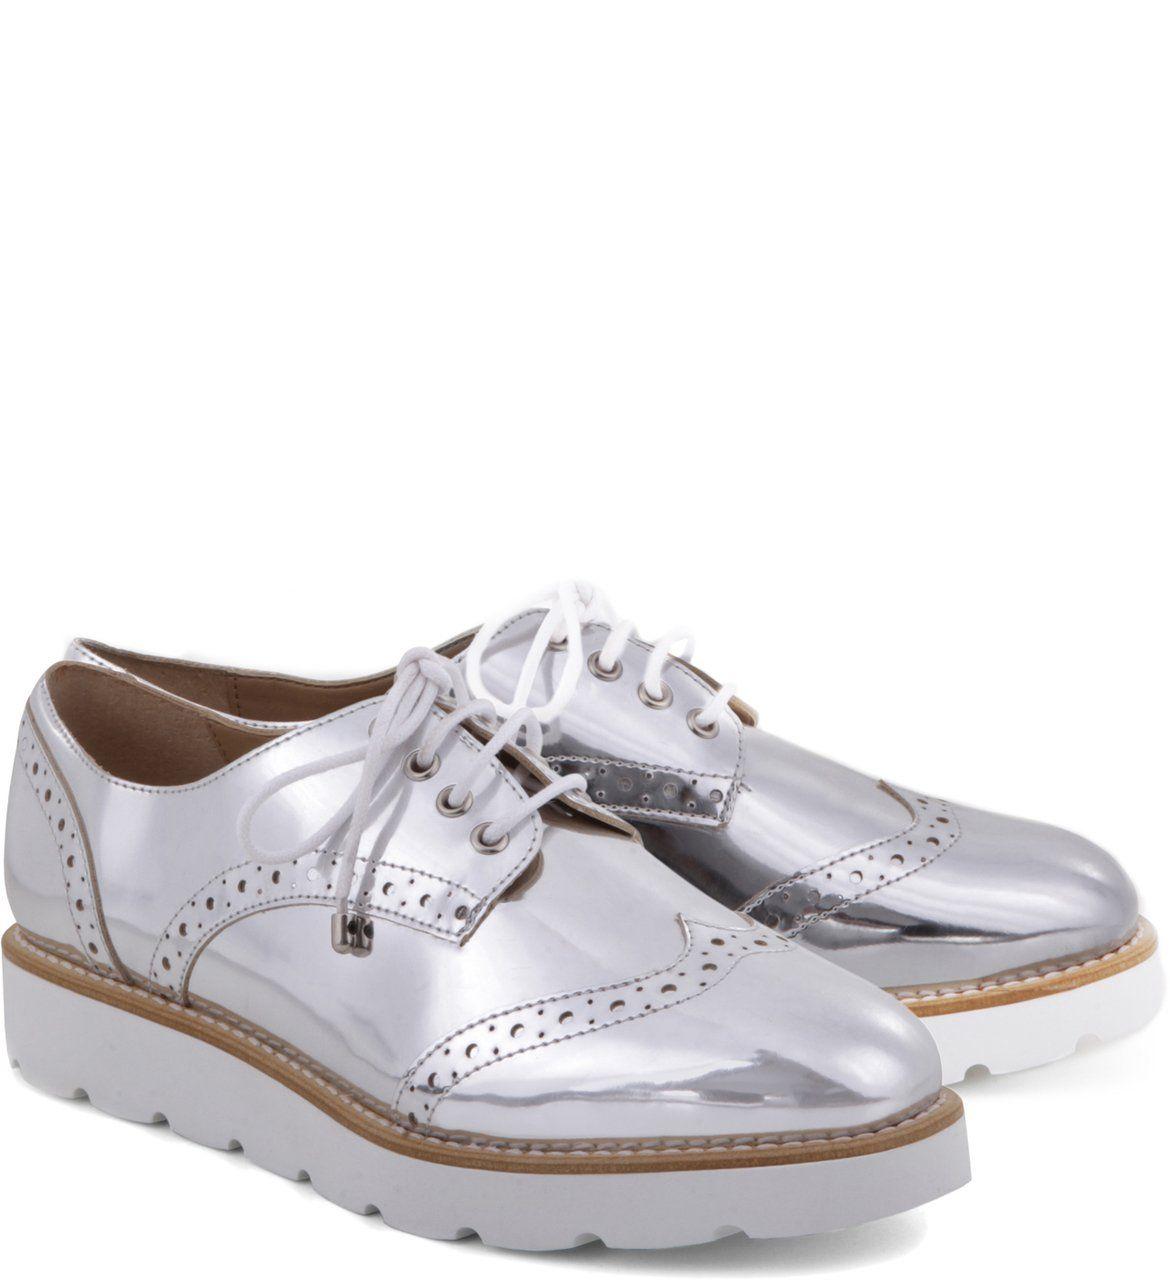 ccd5fcb9a Oxford Solado-Branco Specchio Prata | Arezzo Prata, Sapatos, Sapatos De  Barco,